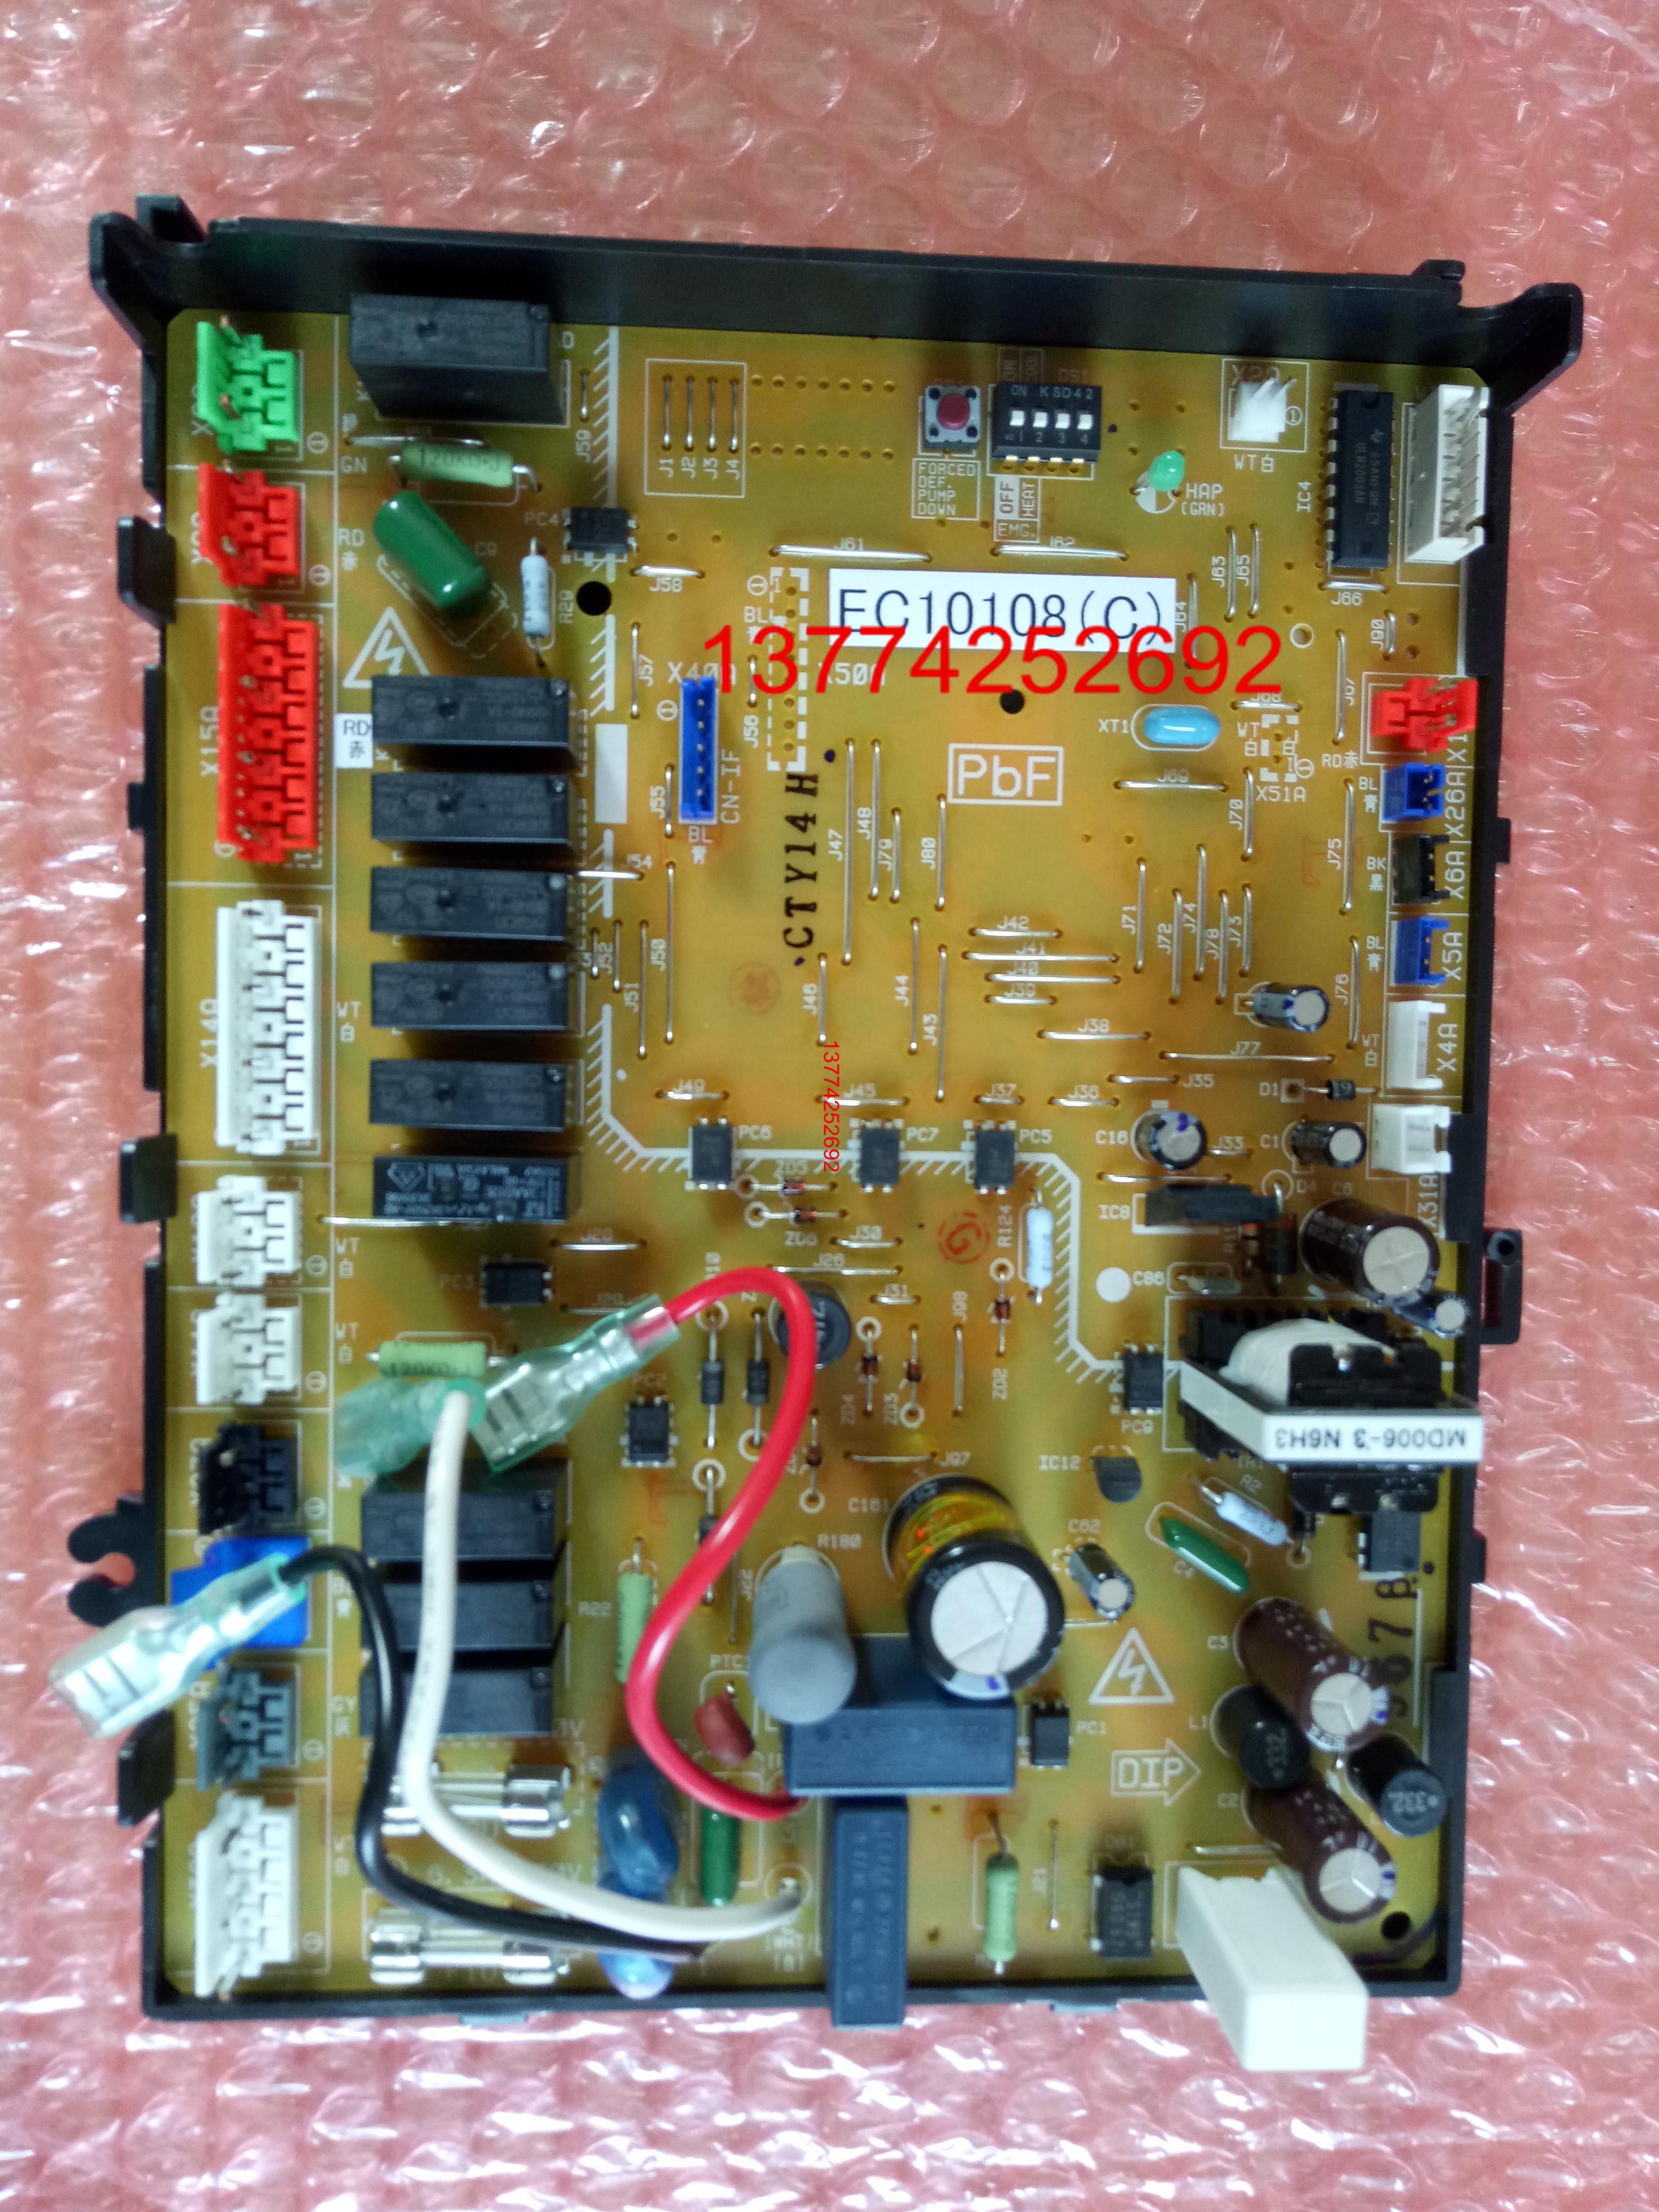 NeUe Daikin klimaanlagen accessoires - Maschine An Bord EC10108P Teller RY125DQY3C/RY71DQY3C